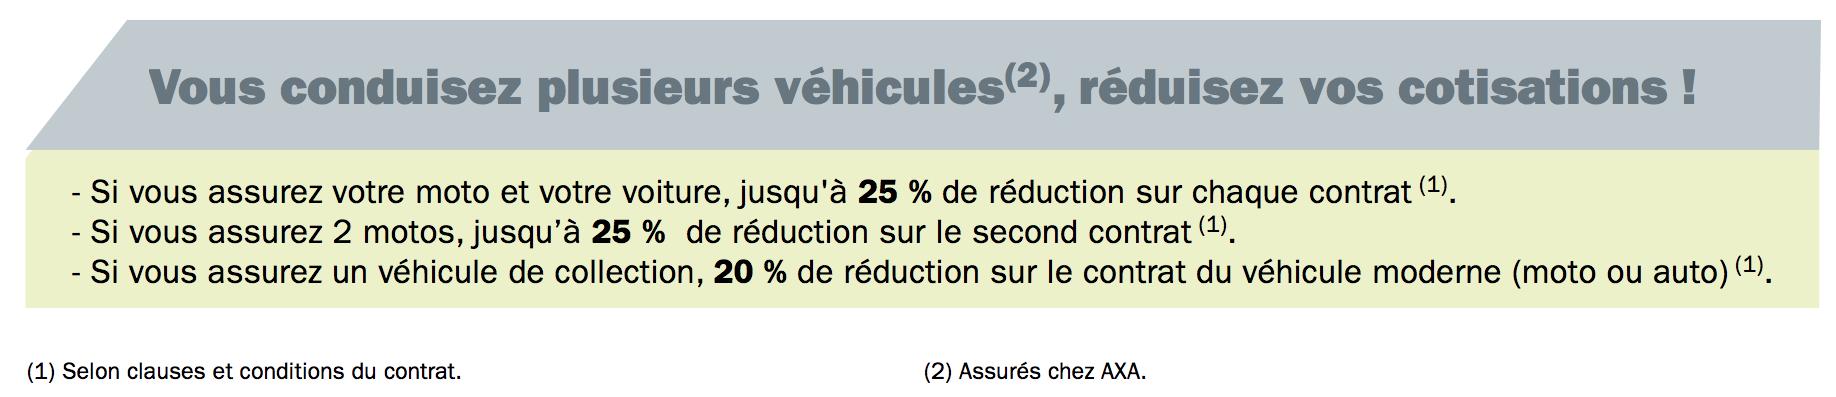 réductions sur l'assurance moto et auto AXA